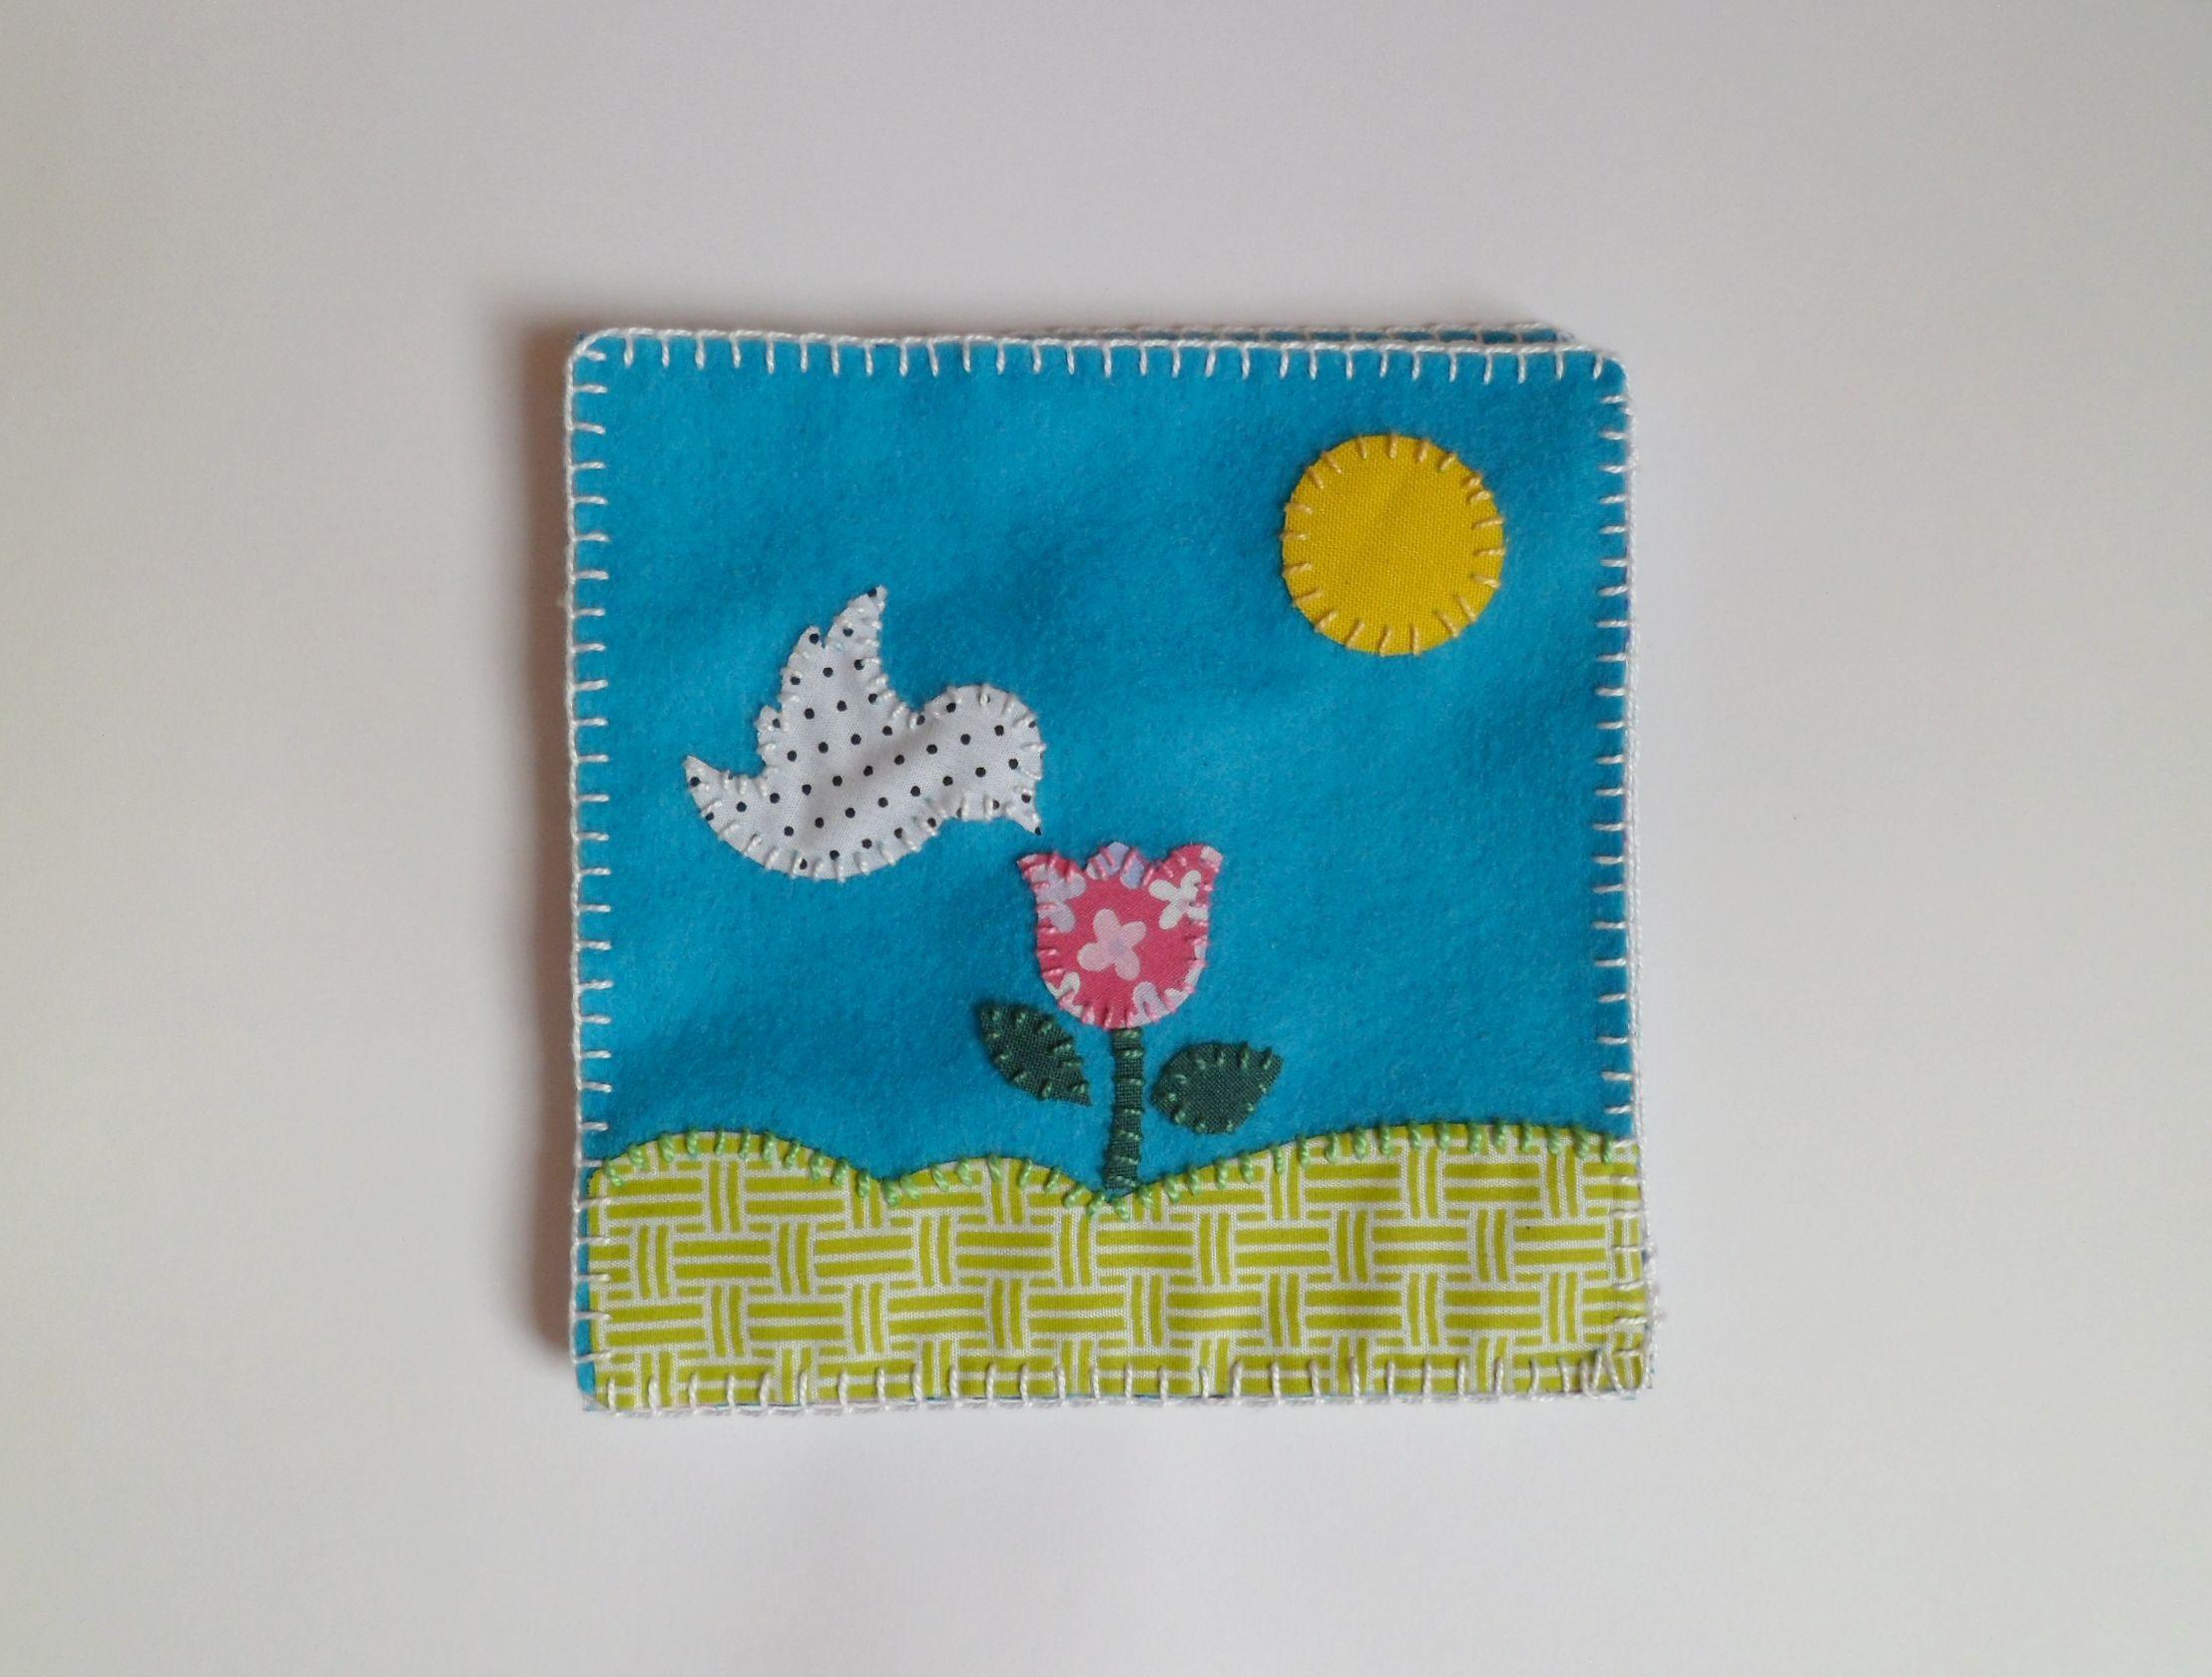 Livro infantil feito em tecido e costurado à mão.